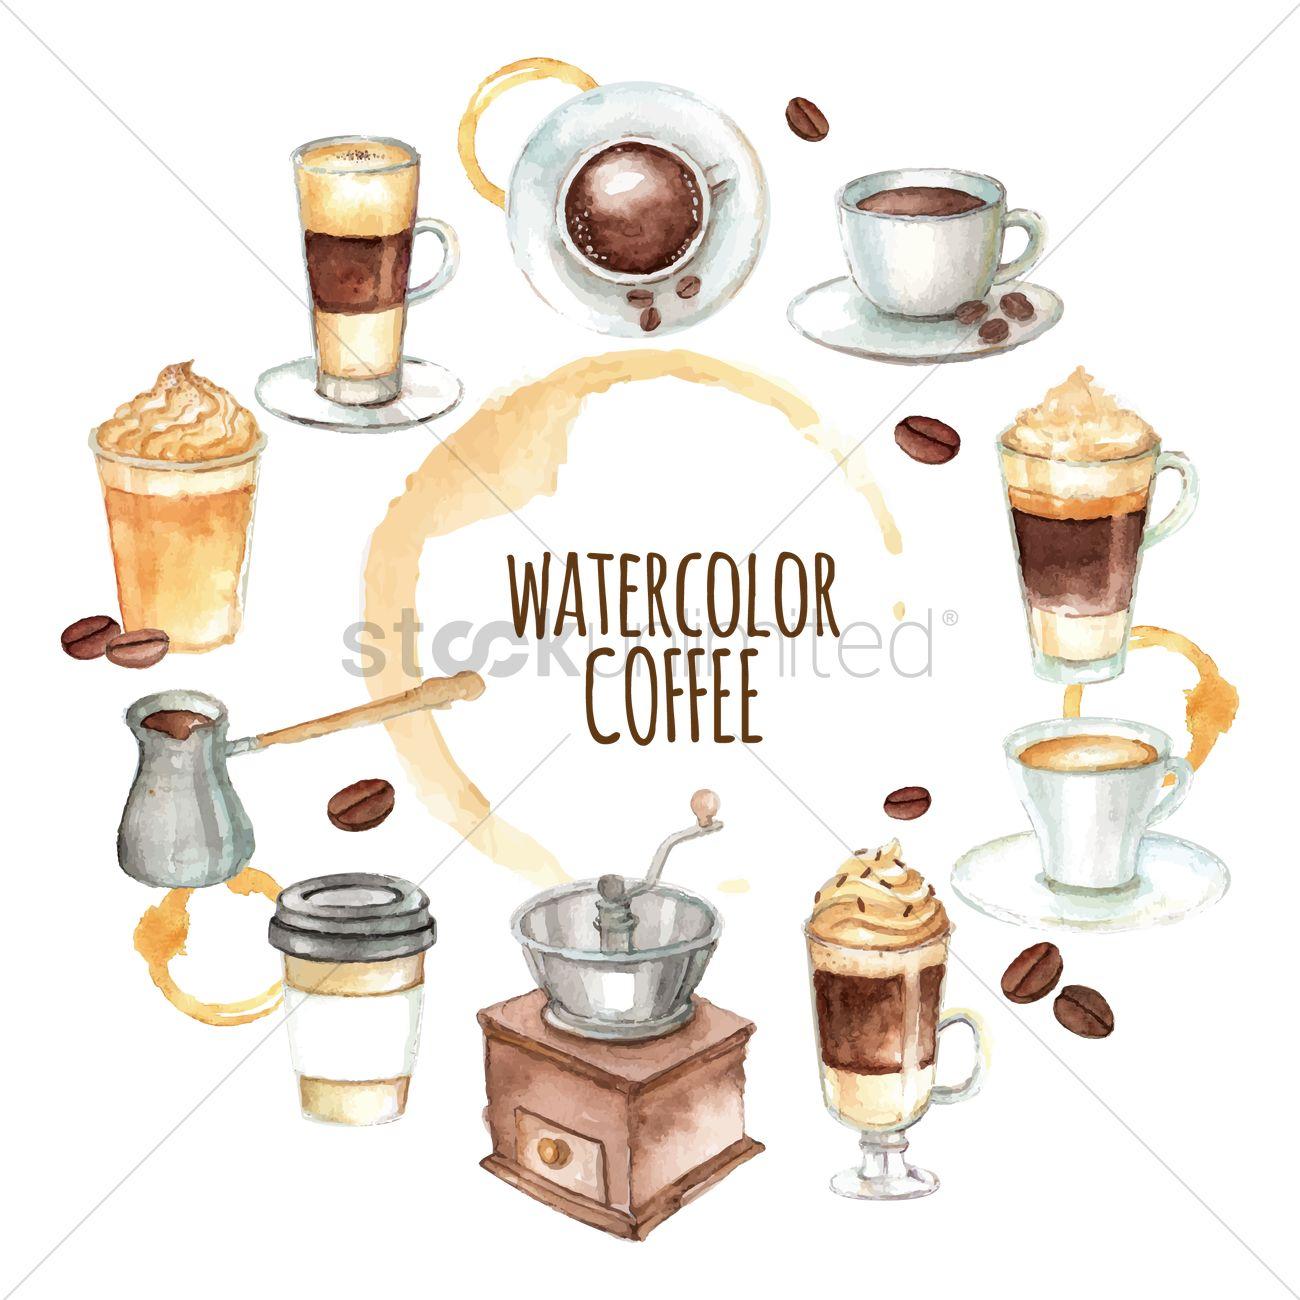 Watercolor coffee icon set vector image 1812225 for Coffee watercolor